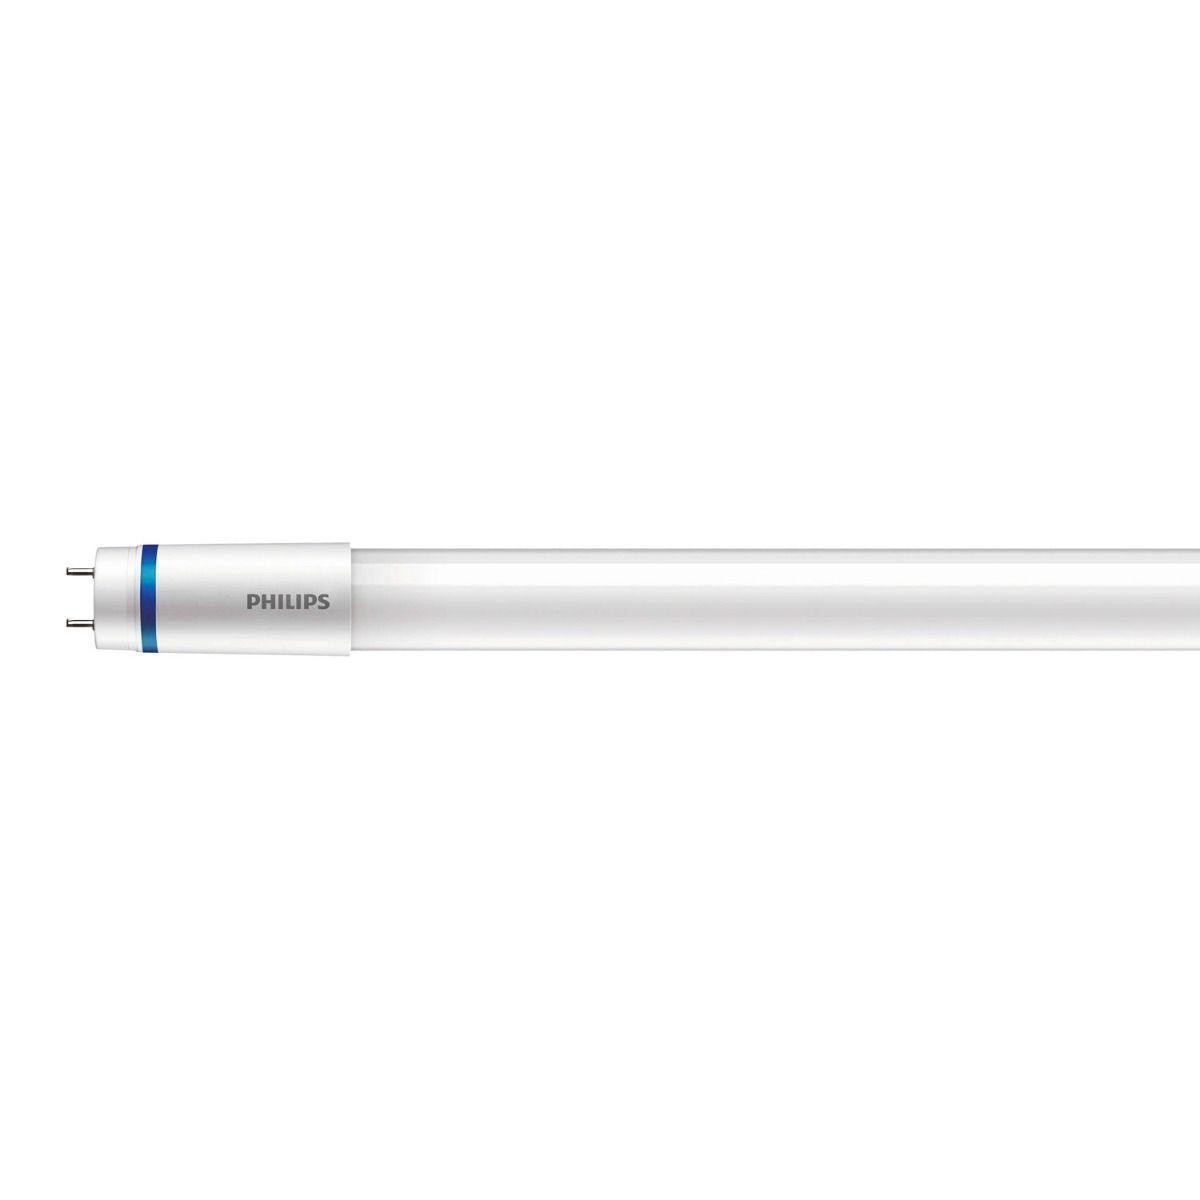 Philips LEDtube InstantFit UO G13 18W 830 120cm (MASTER) | Blanc Chaud - Équivalent 36W